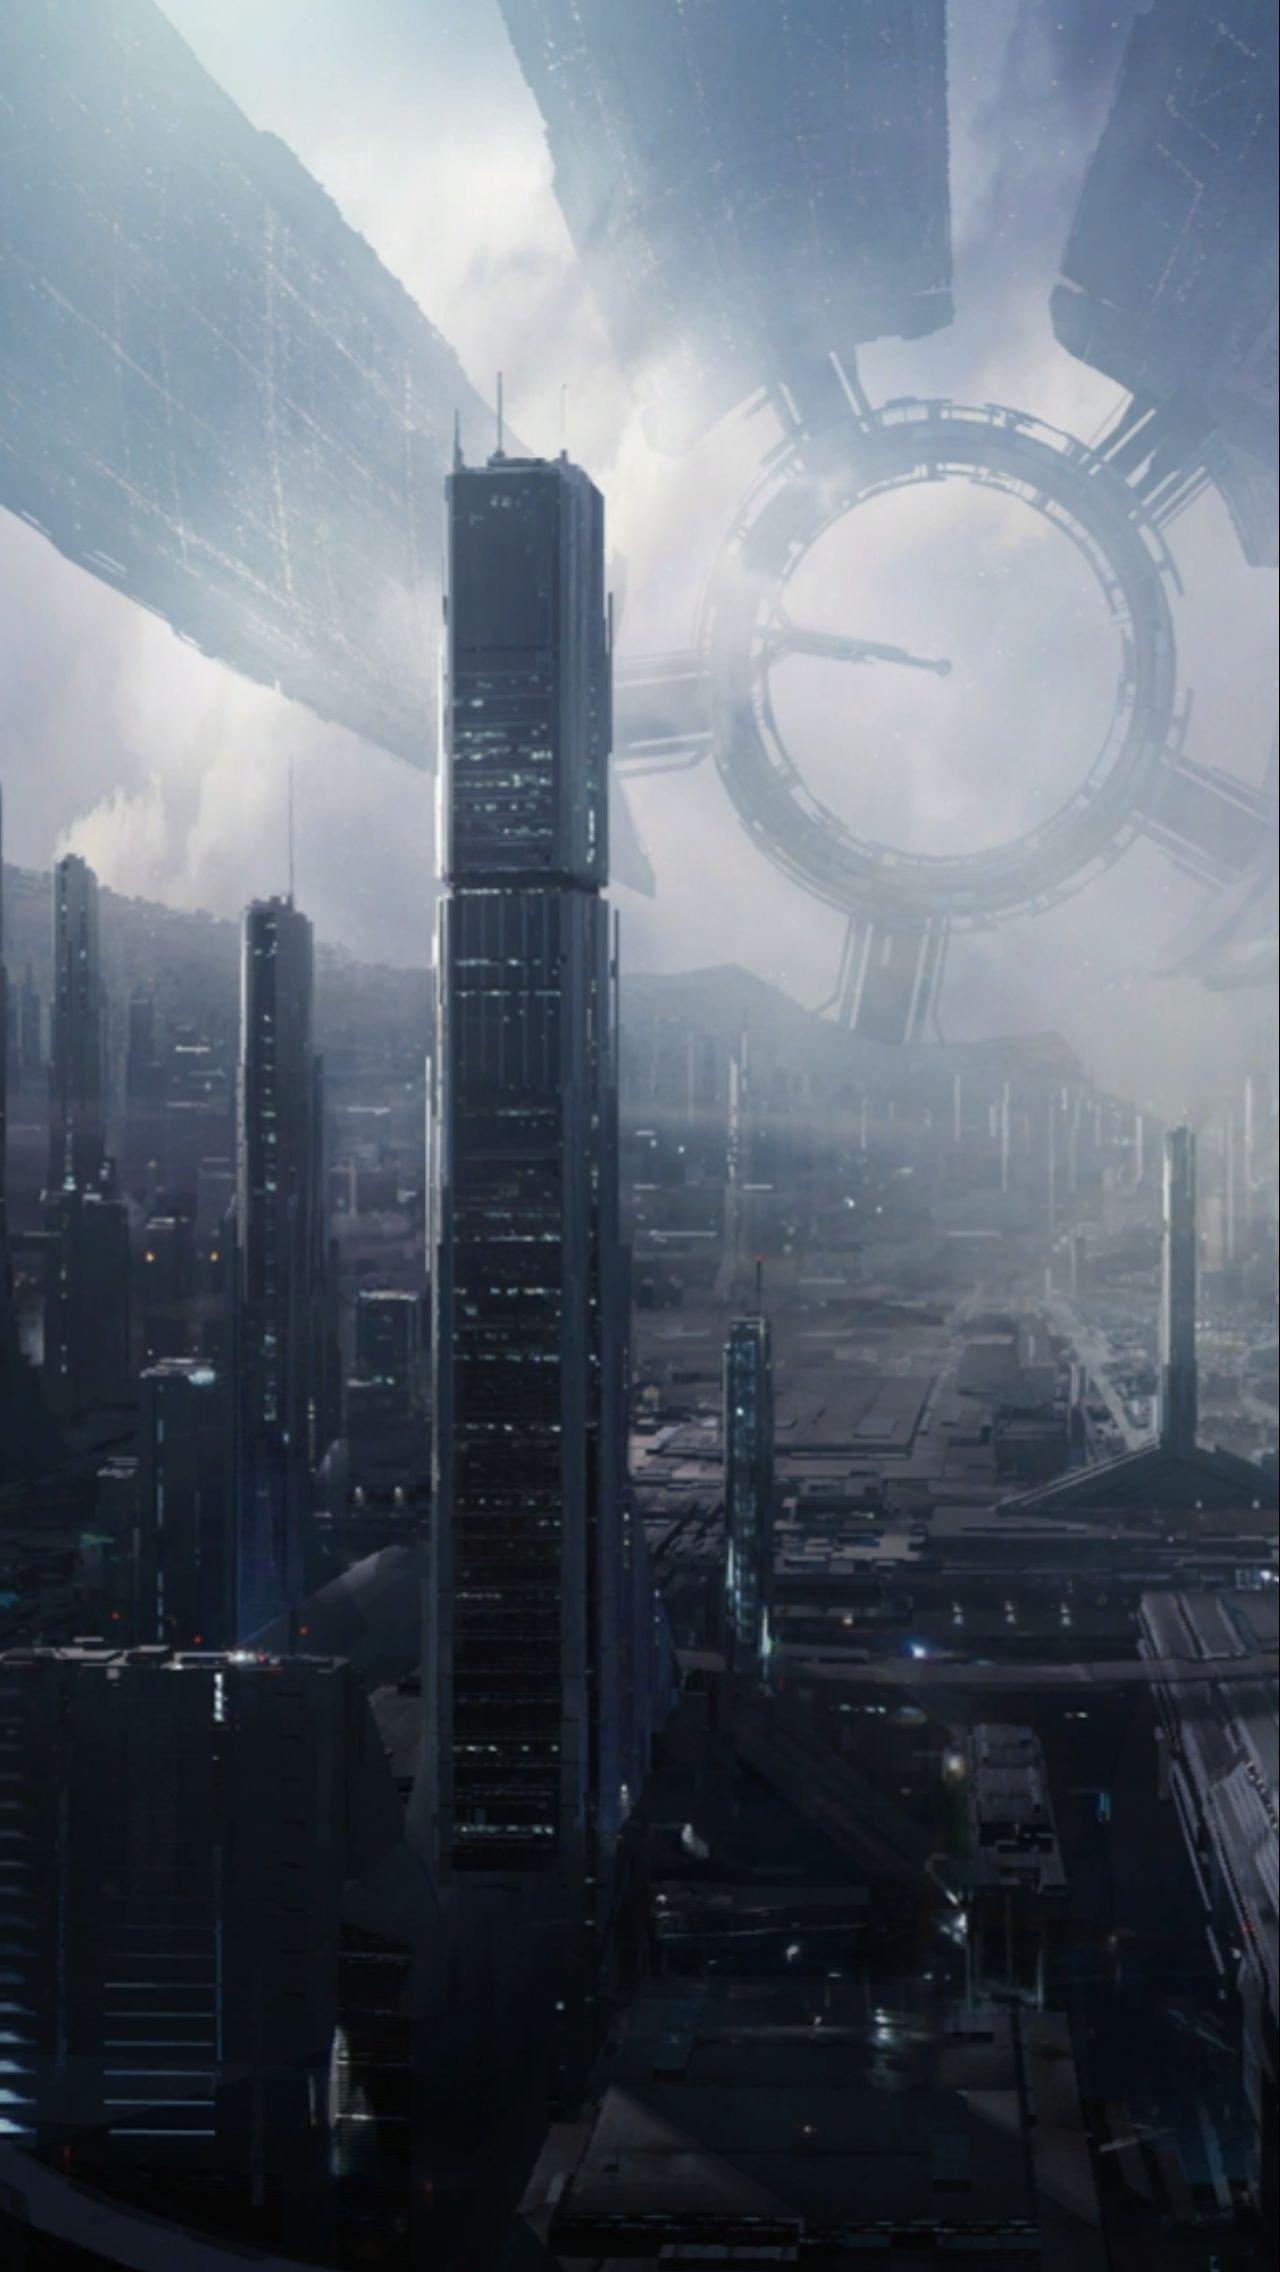 Цитадель (Mass Effect)